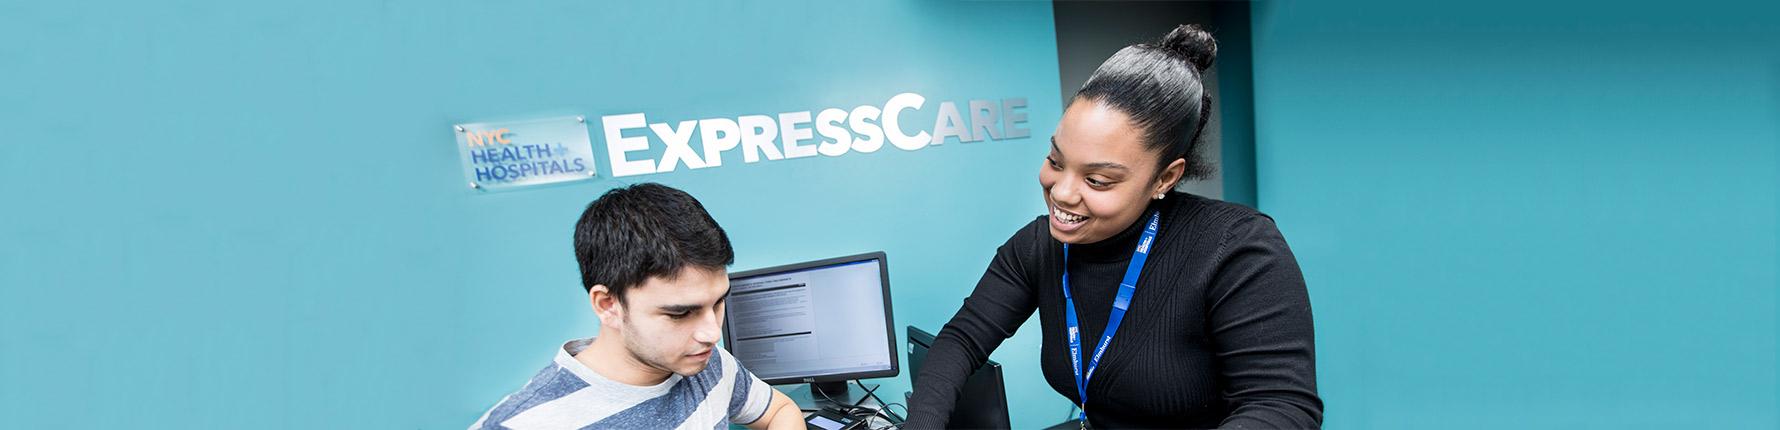 ExpressCare